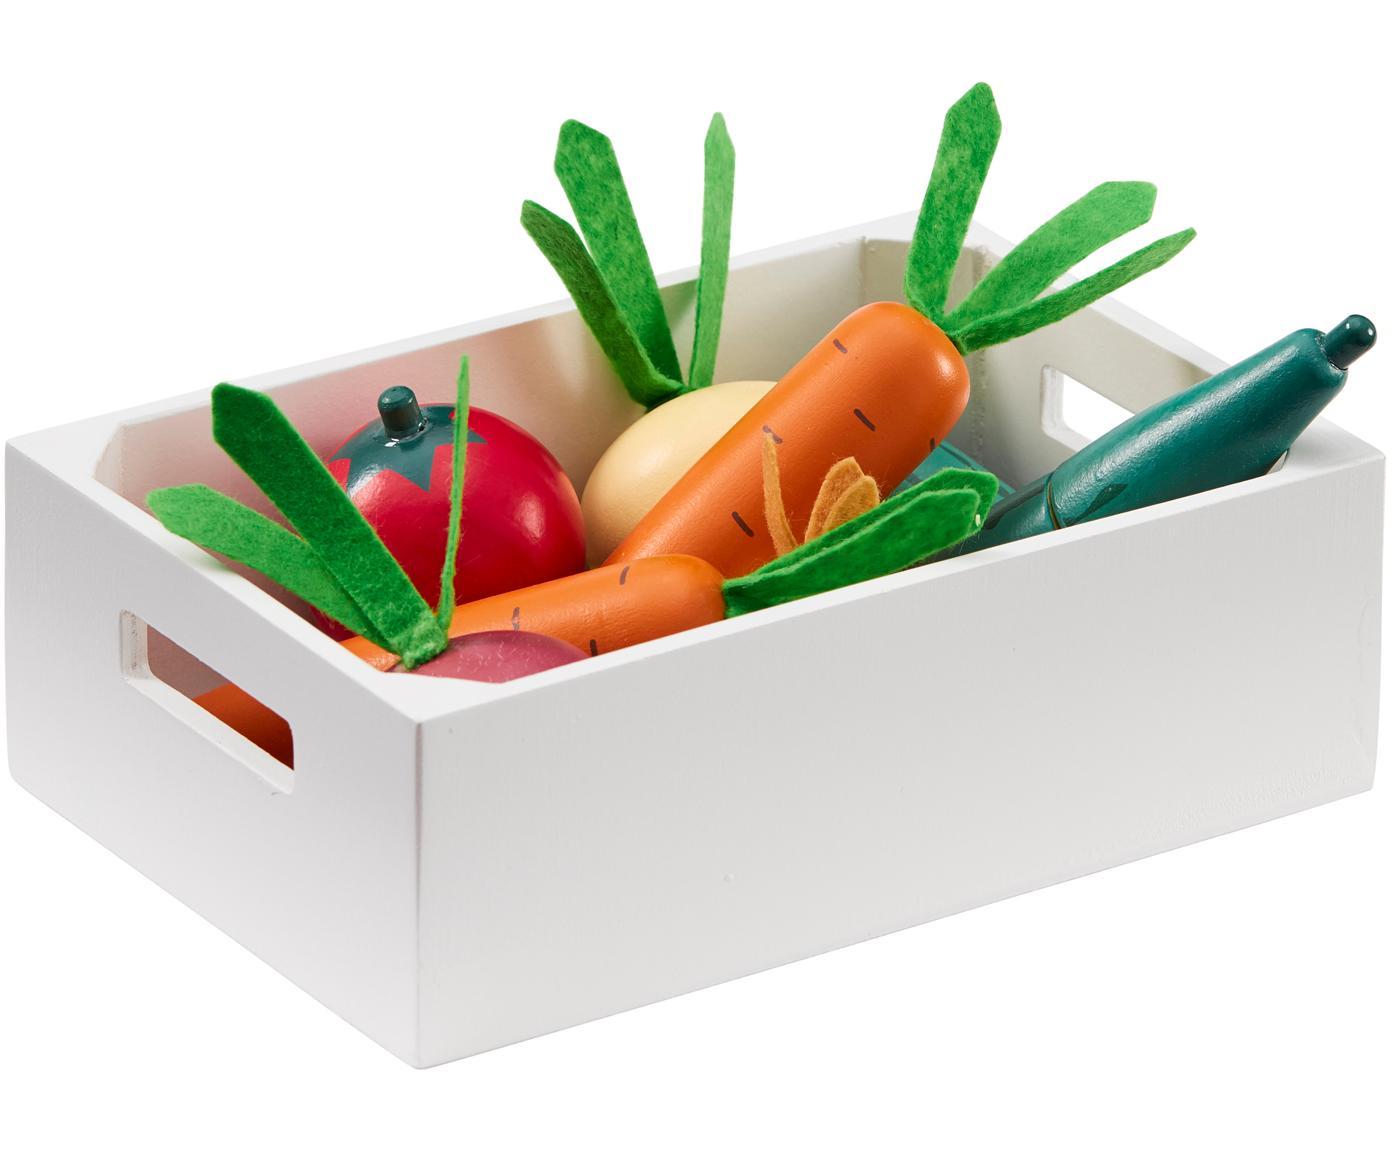 Spielzeug-Set Vegetables, Holz, Mehrfarbig, Sondergrößen